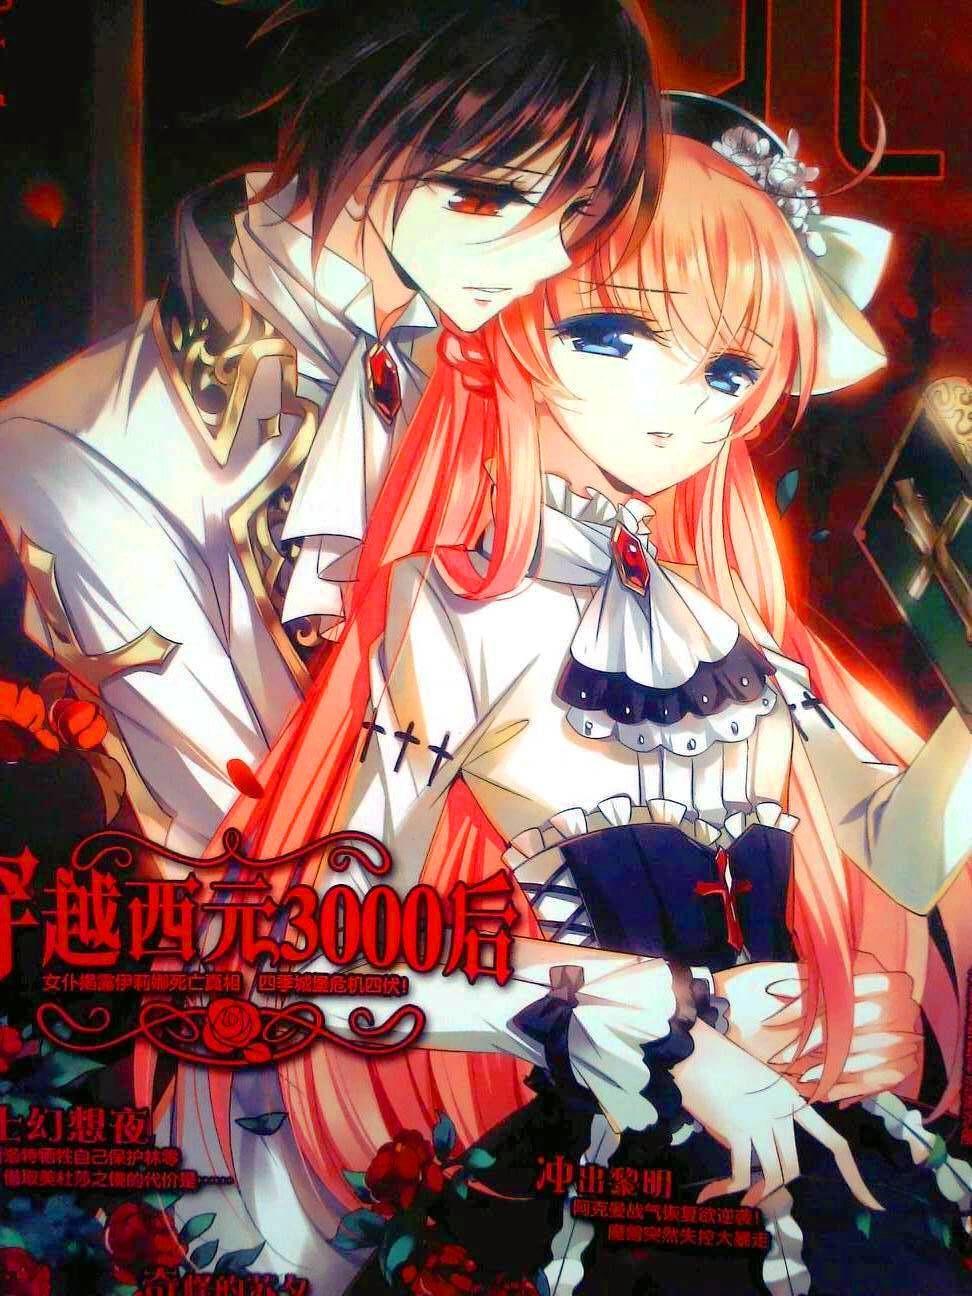 Chuan Yue Xi Yuan 3000 Hou Animasi Knight Romantis